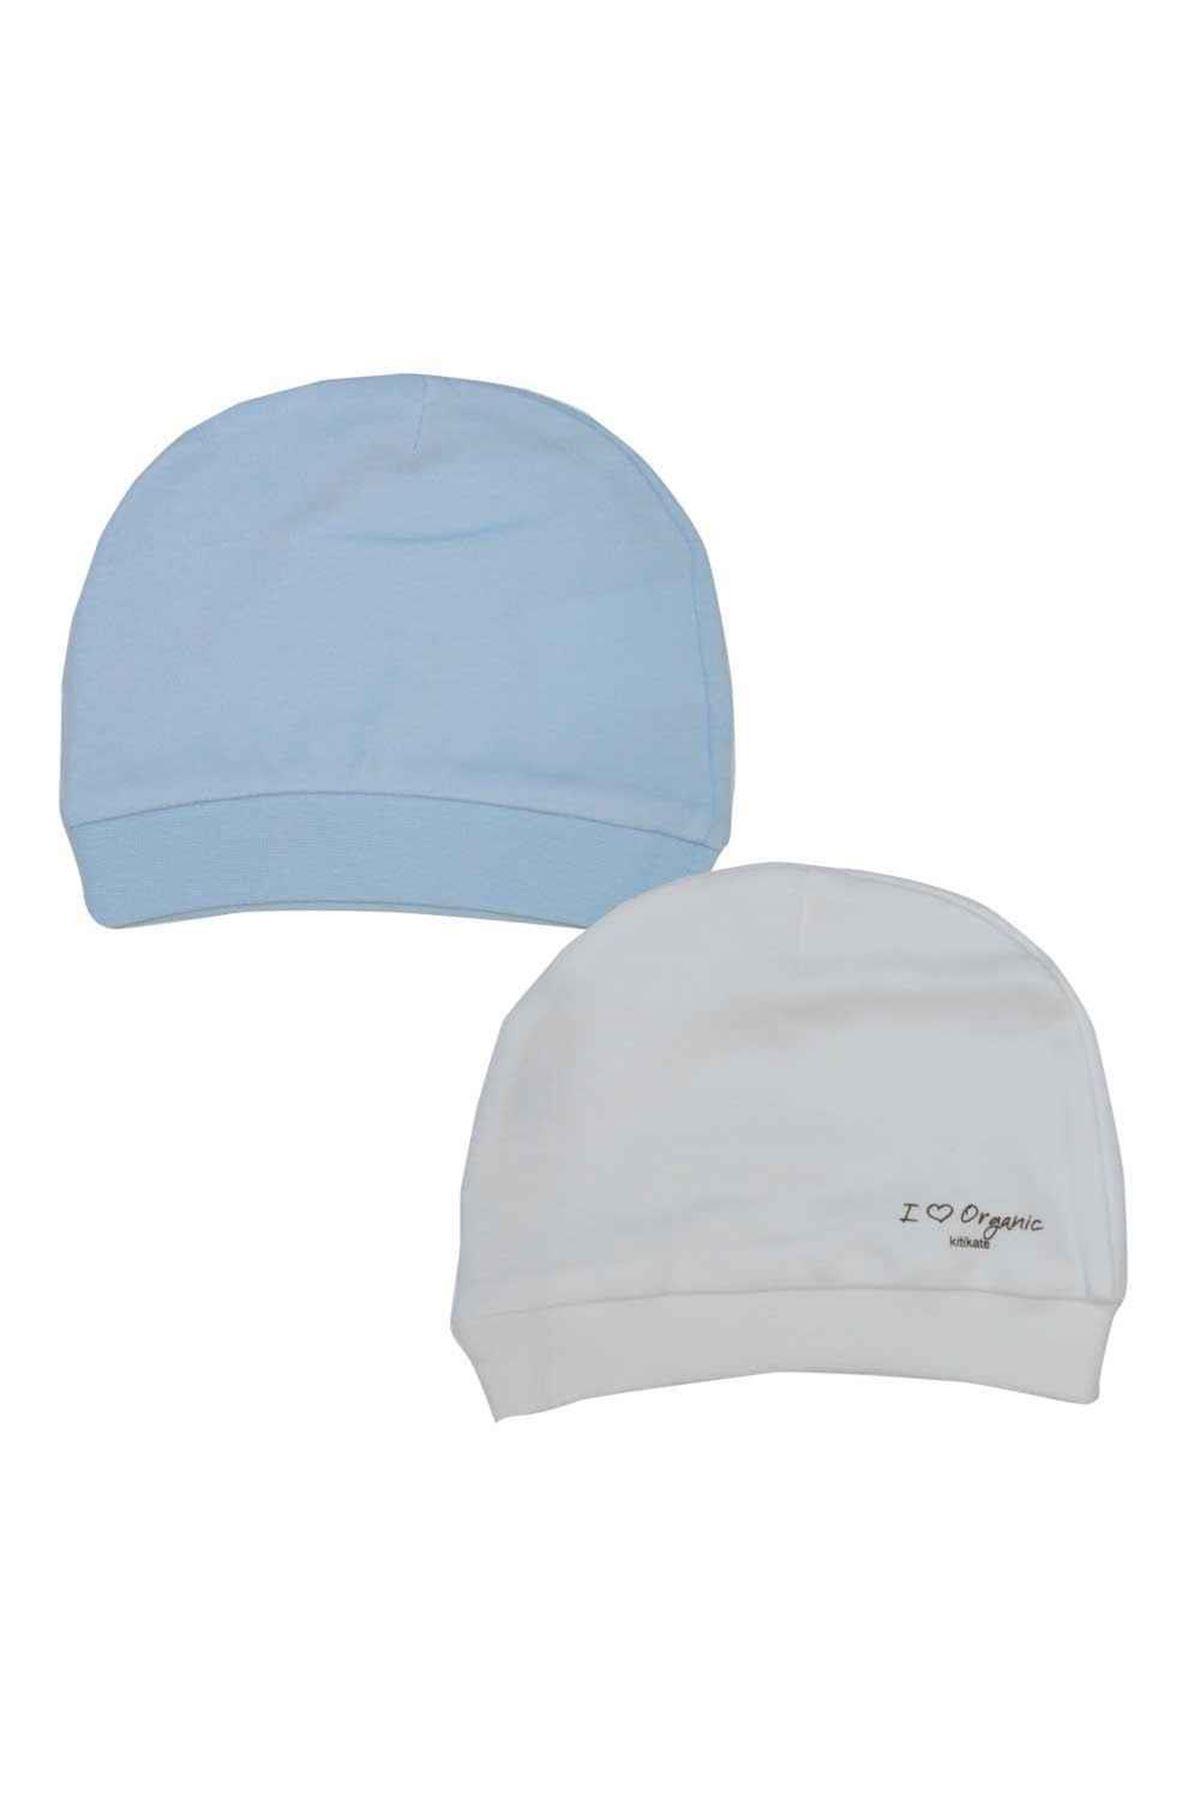 KitiKate Organik Basic 2 li Şapka 76056 Beyaz-Mavi